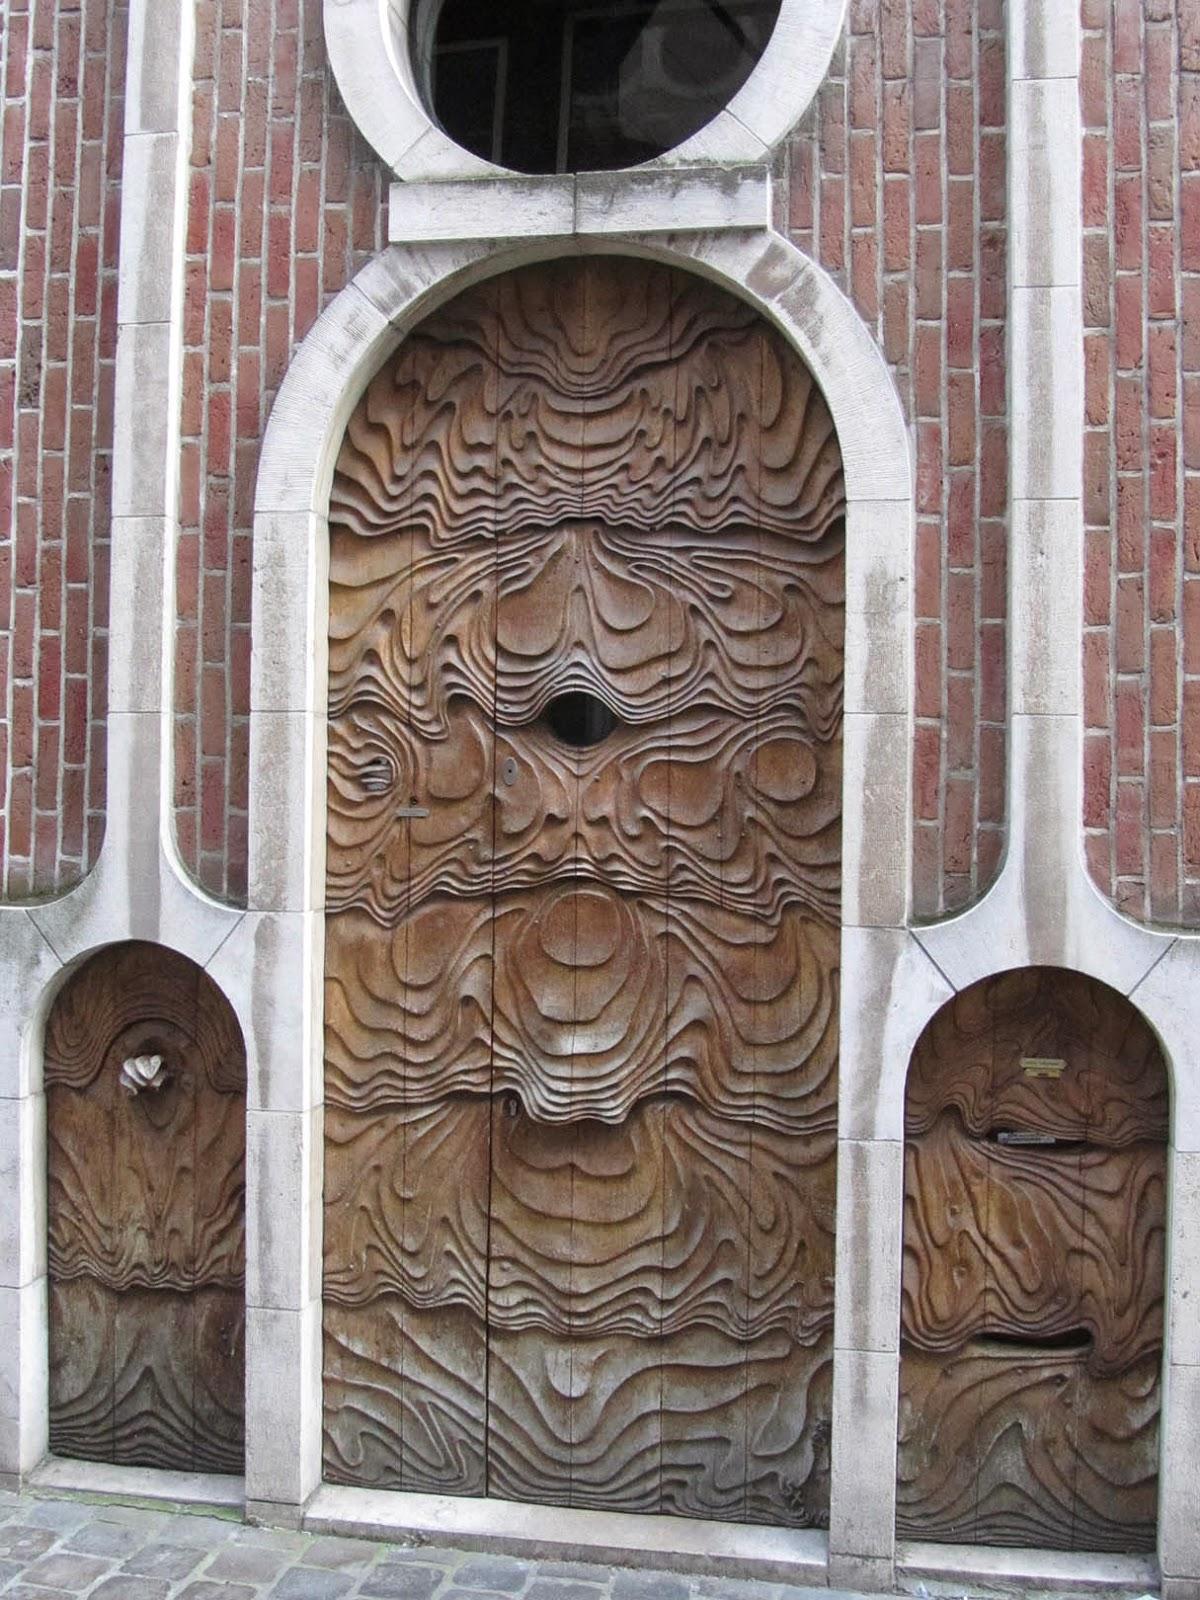 neo-Jugenstil style door